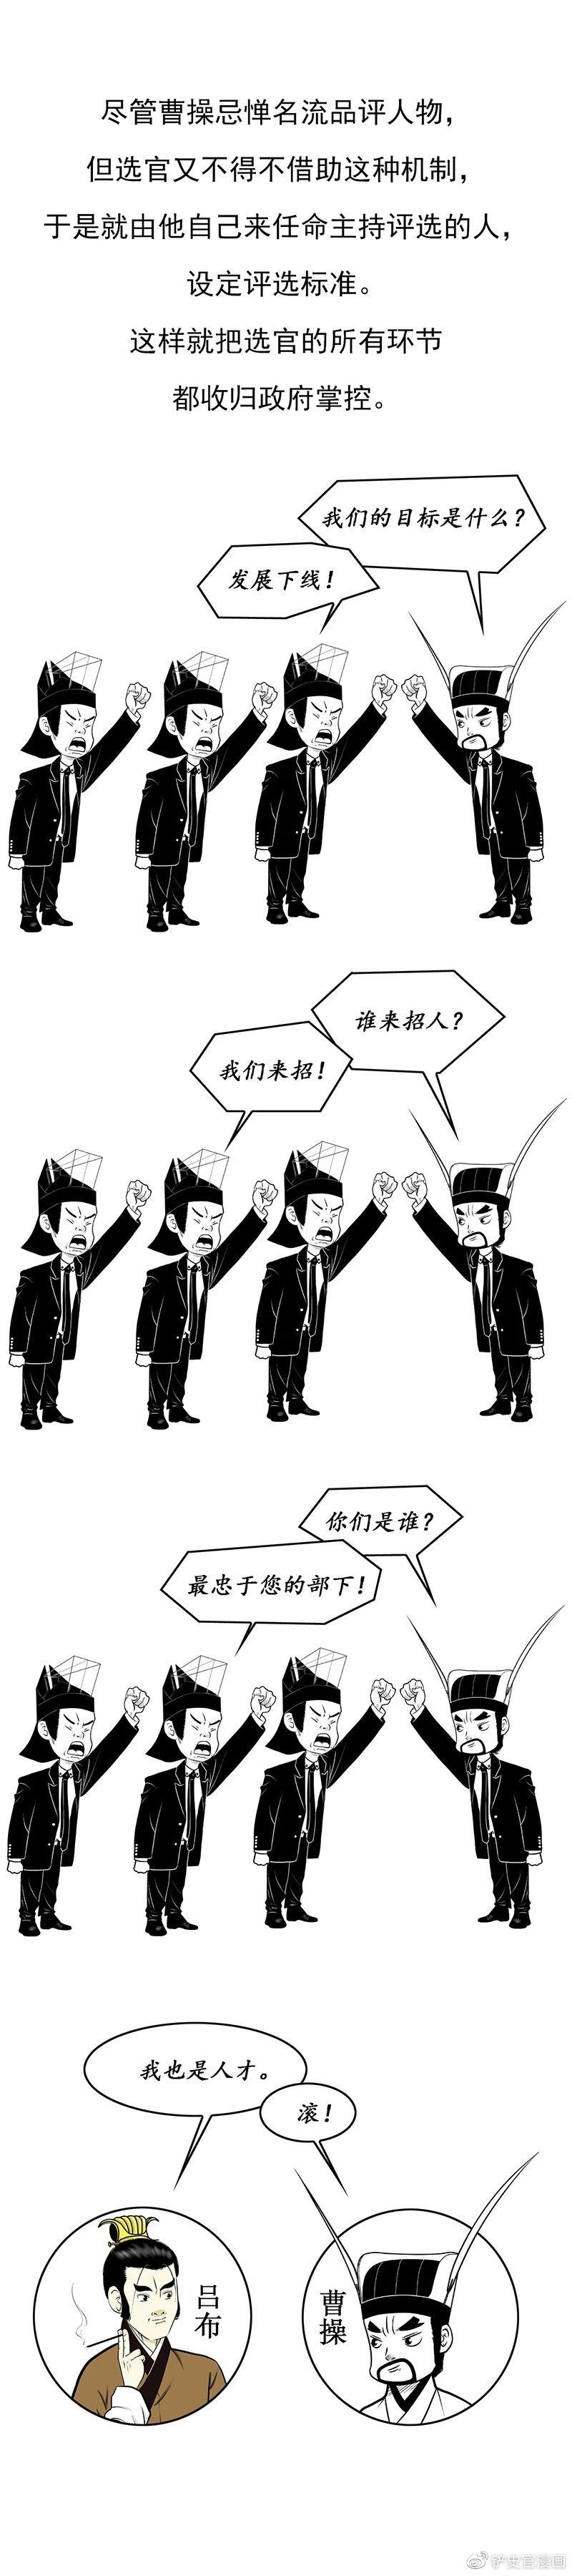 西晋外传|阶级固化为啥那么严重?